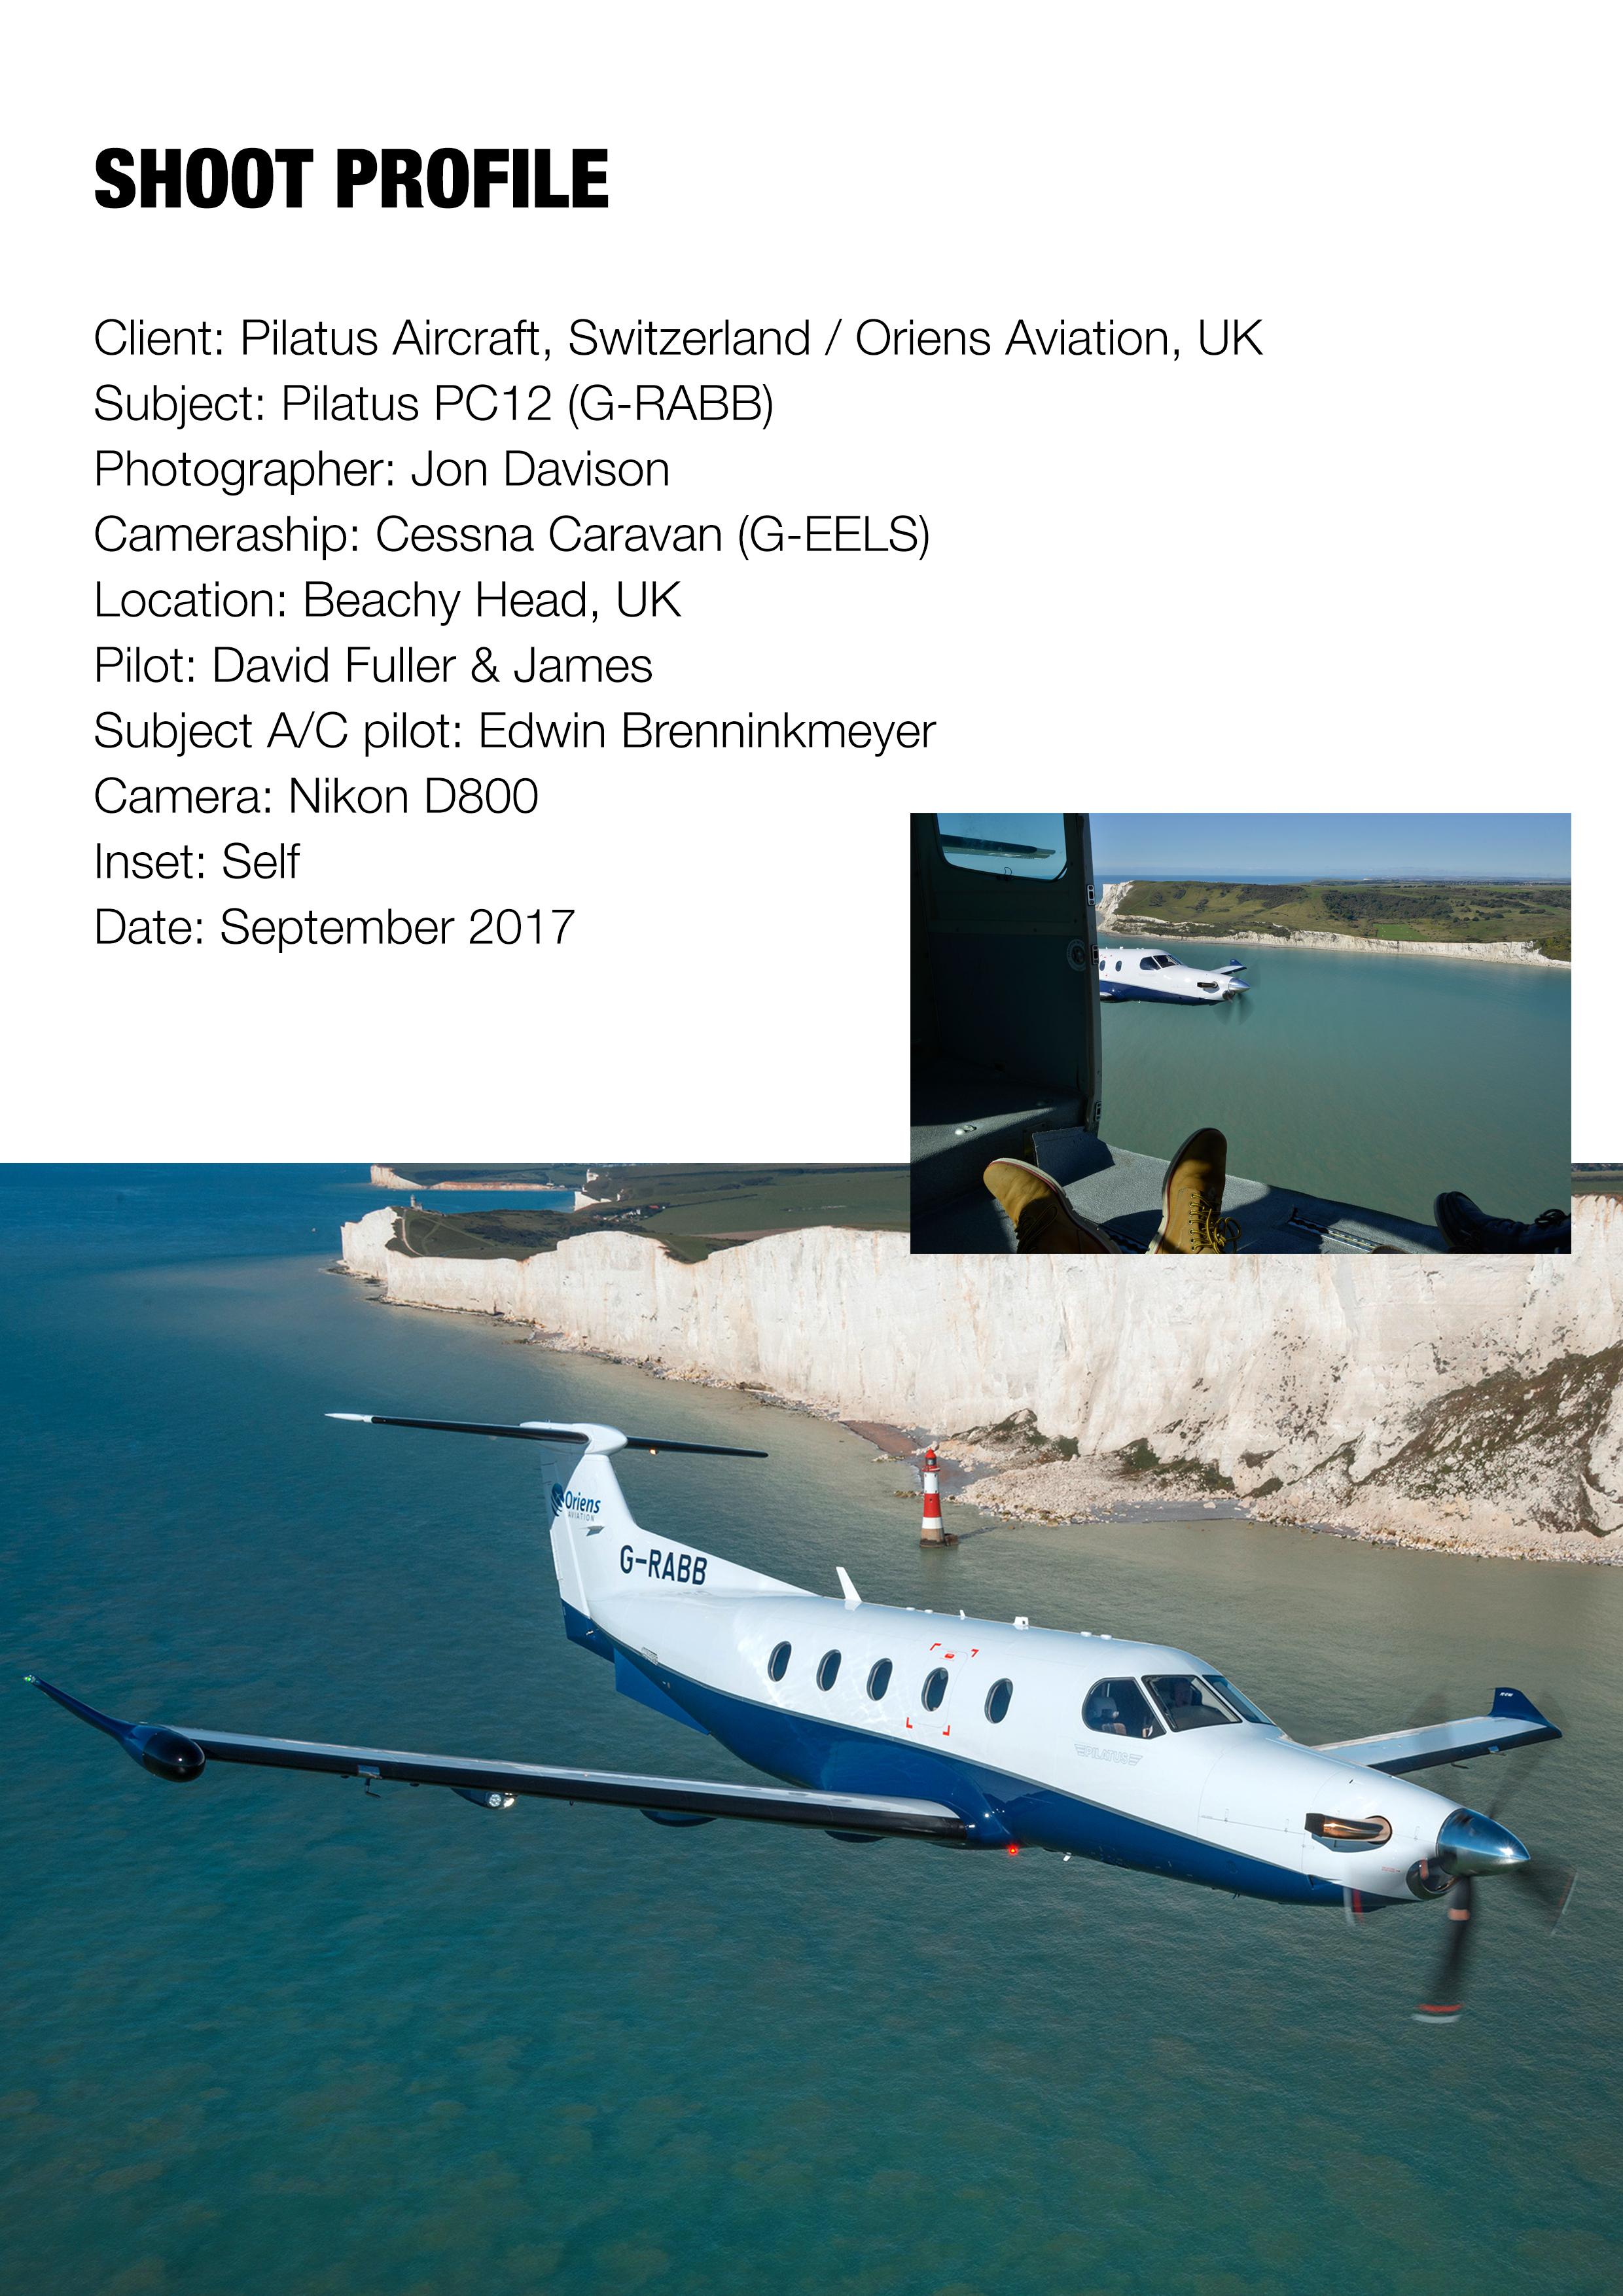 Pilatus PC12, Beachy Head, UK